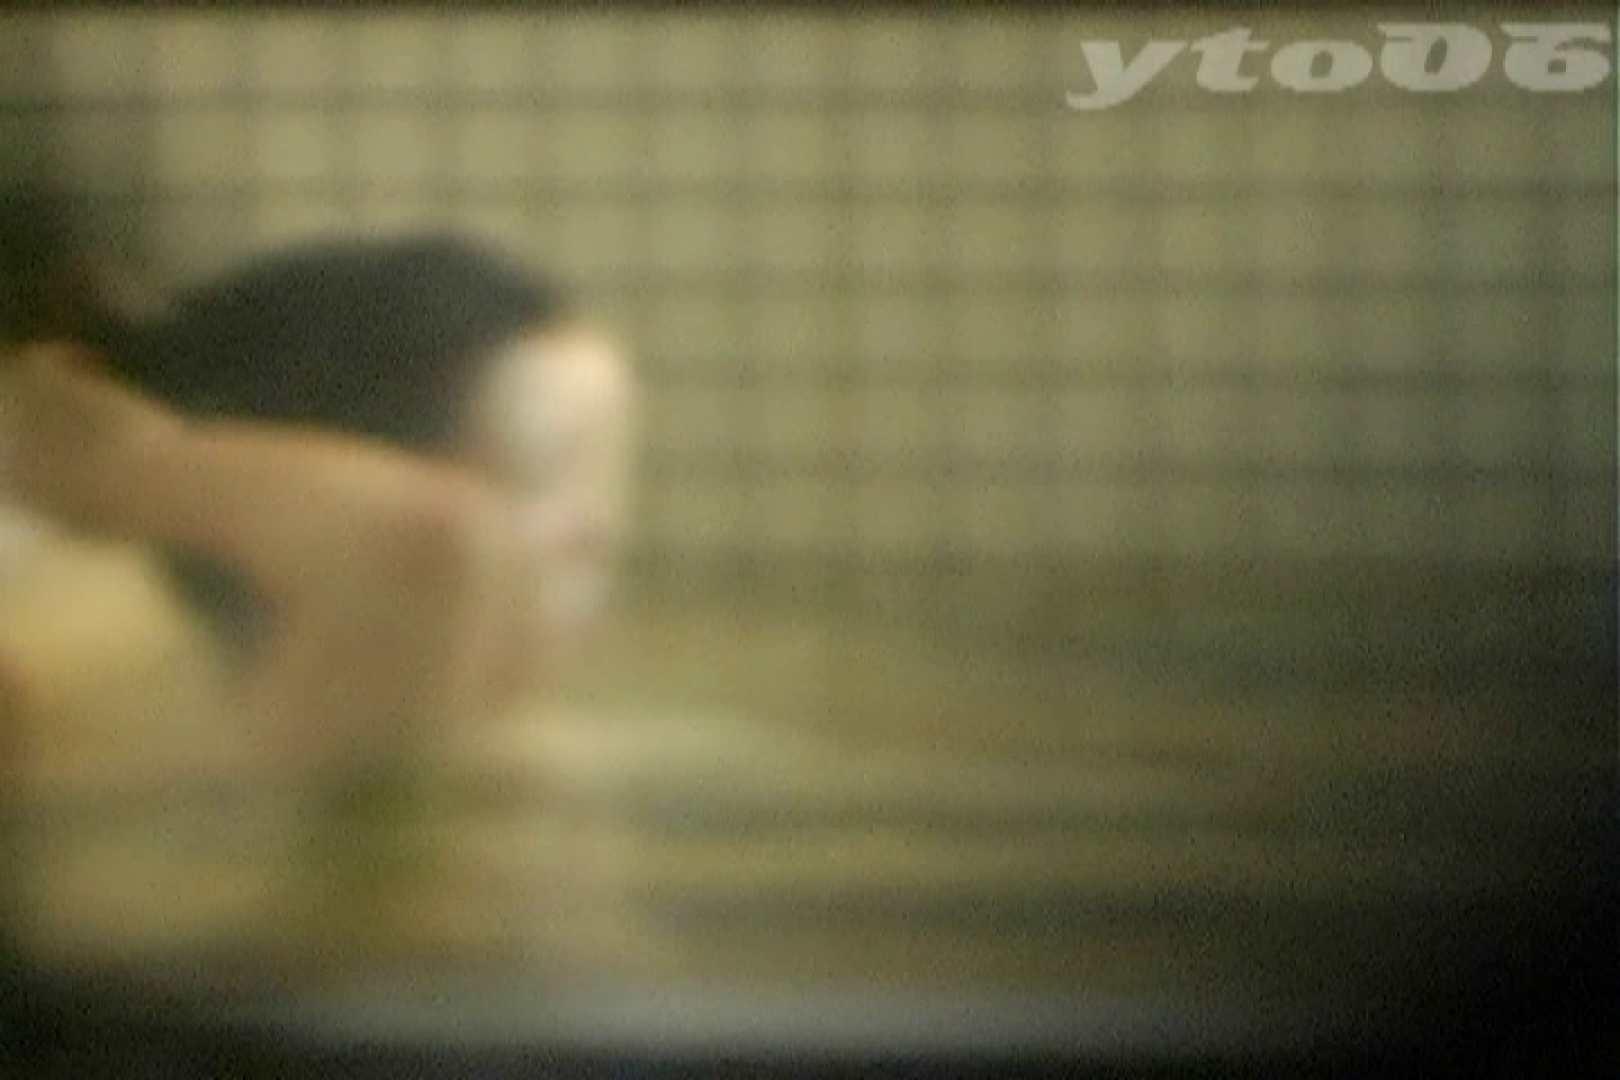 ▲復活限定▲合宿ホテル女風呂盗撮 Vol.34 女体盗撮 覗きオメコ動画キャプチャ 80連発 15